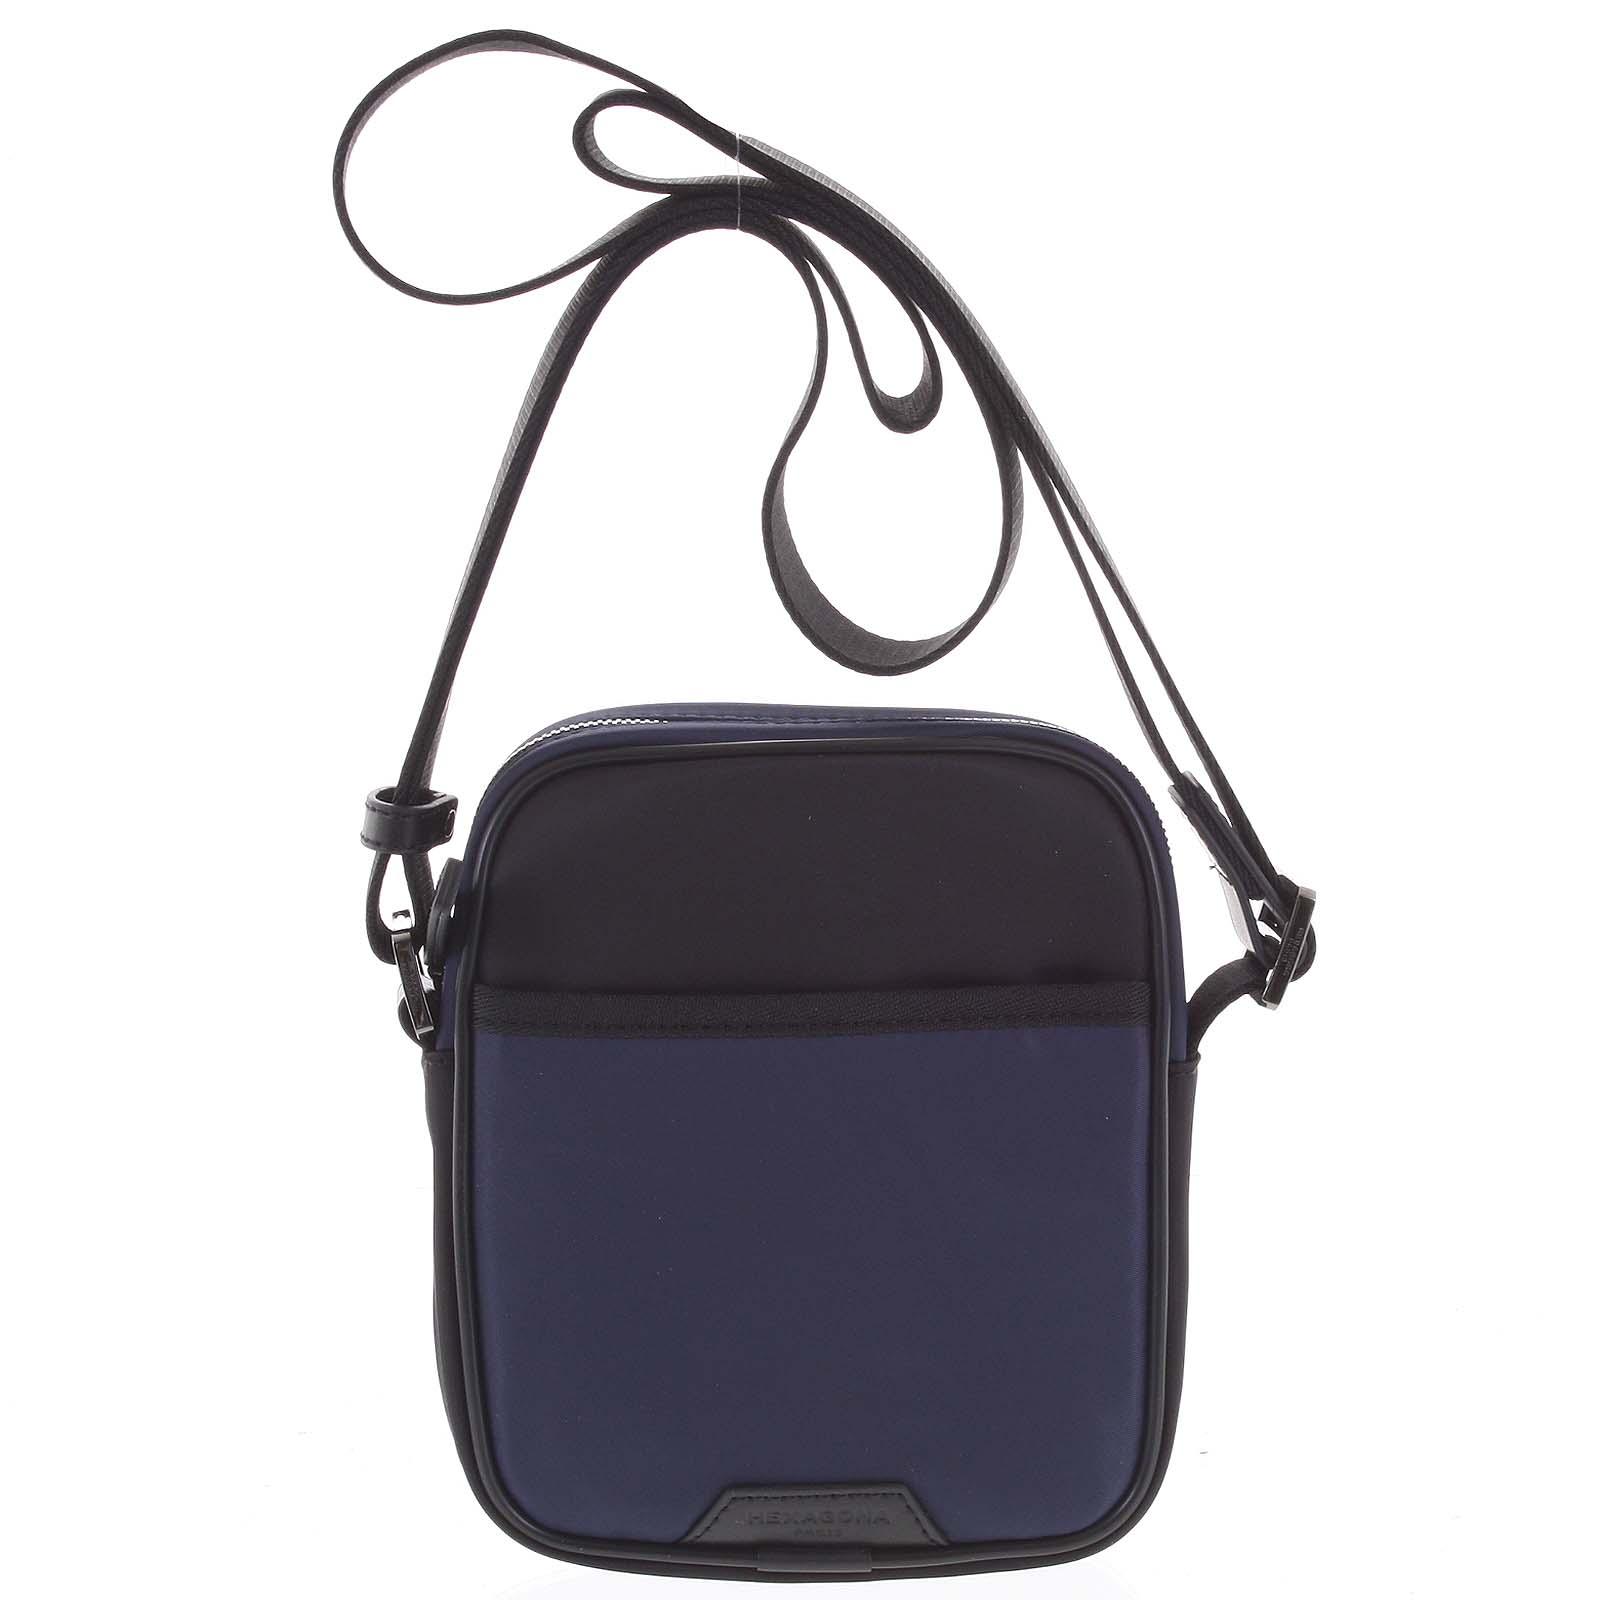 Malá pánska crossbody taška modro čierna - Hexagona Arga modrá